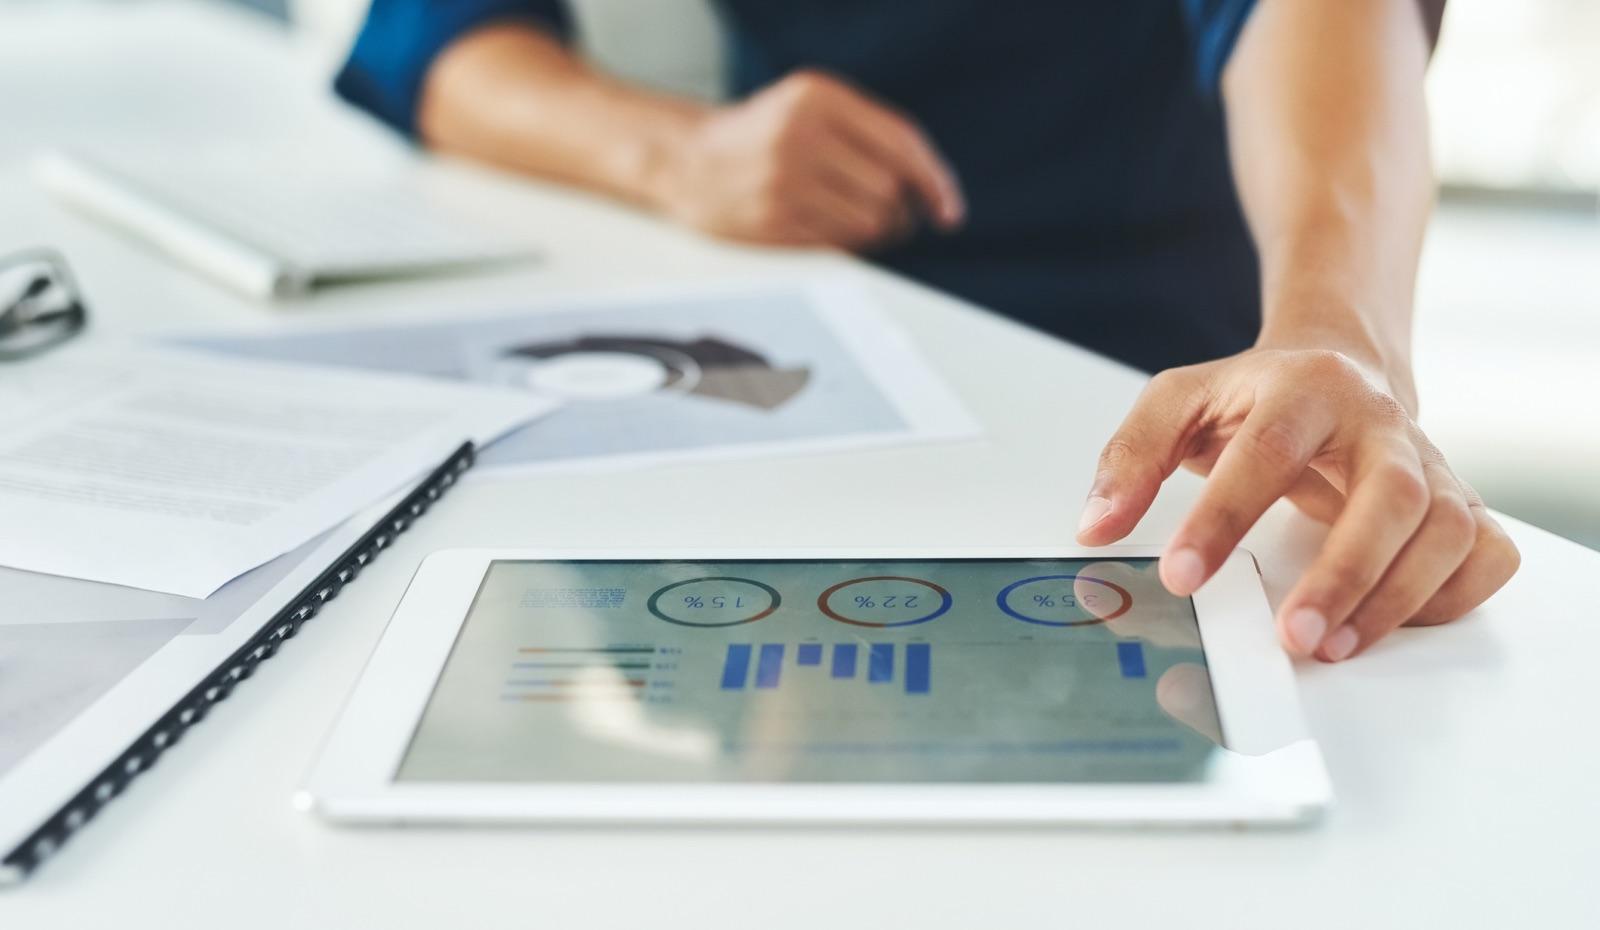 ¿Qué KPIs se pueden medir en un Call Center?